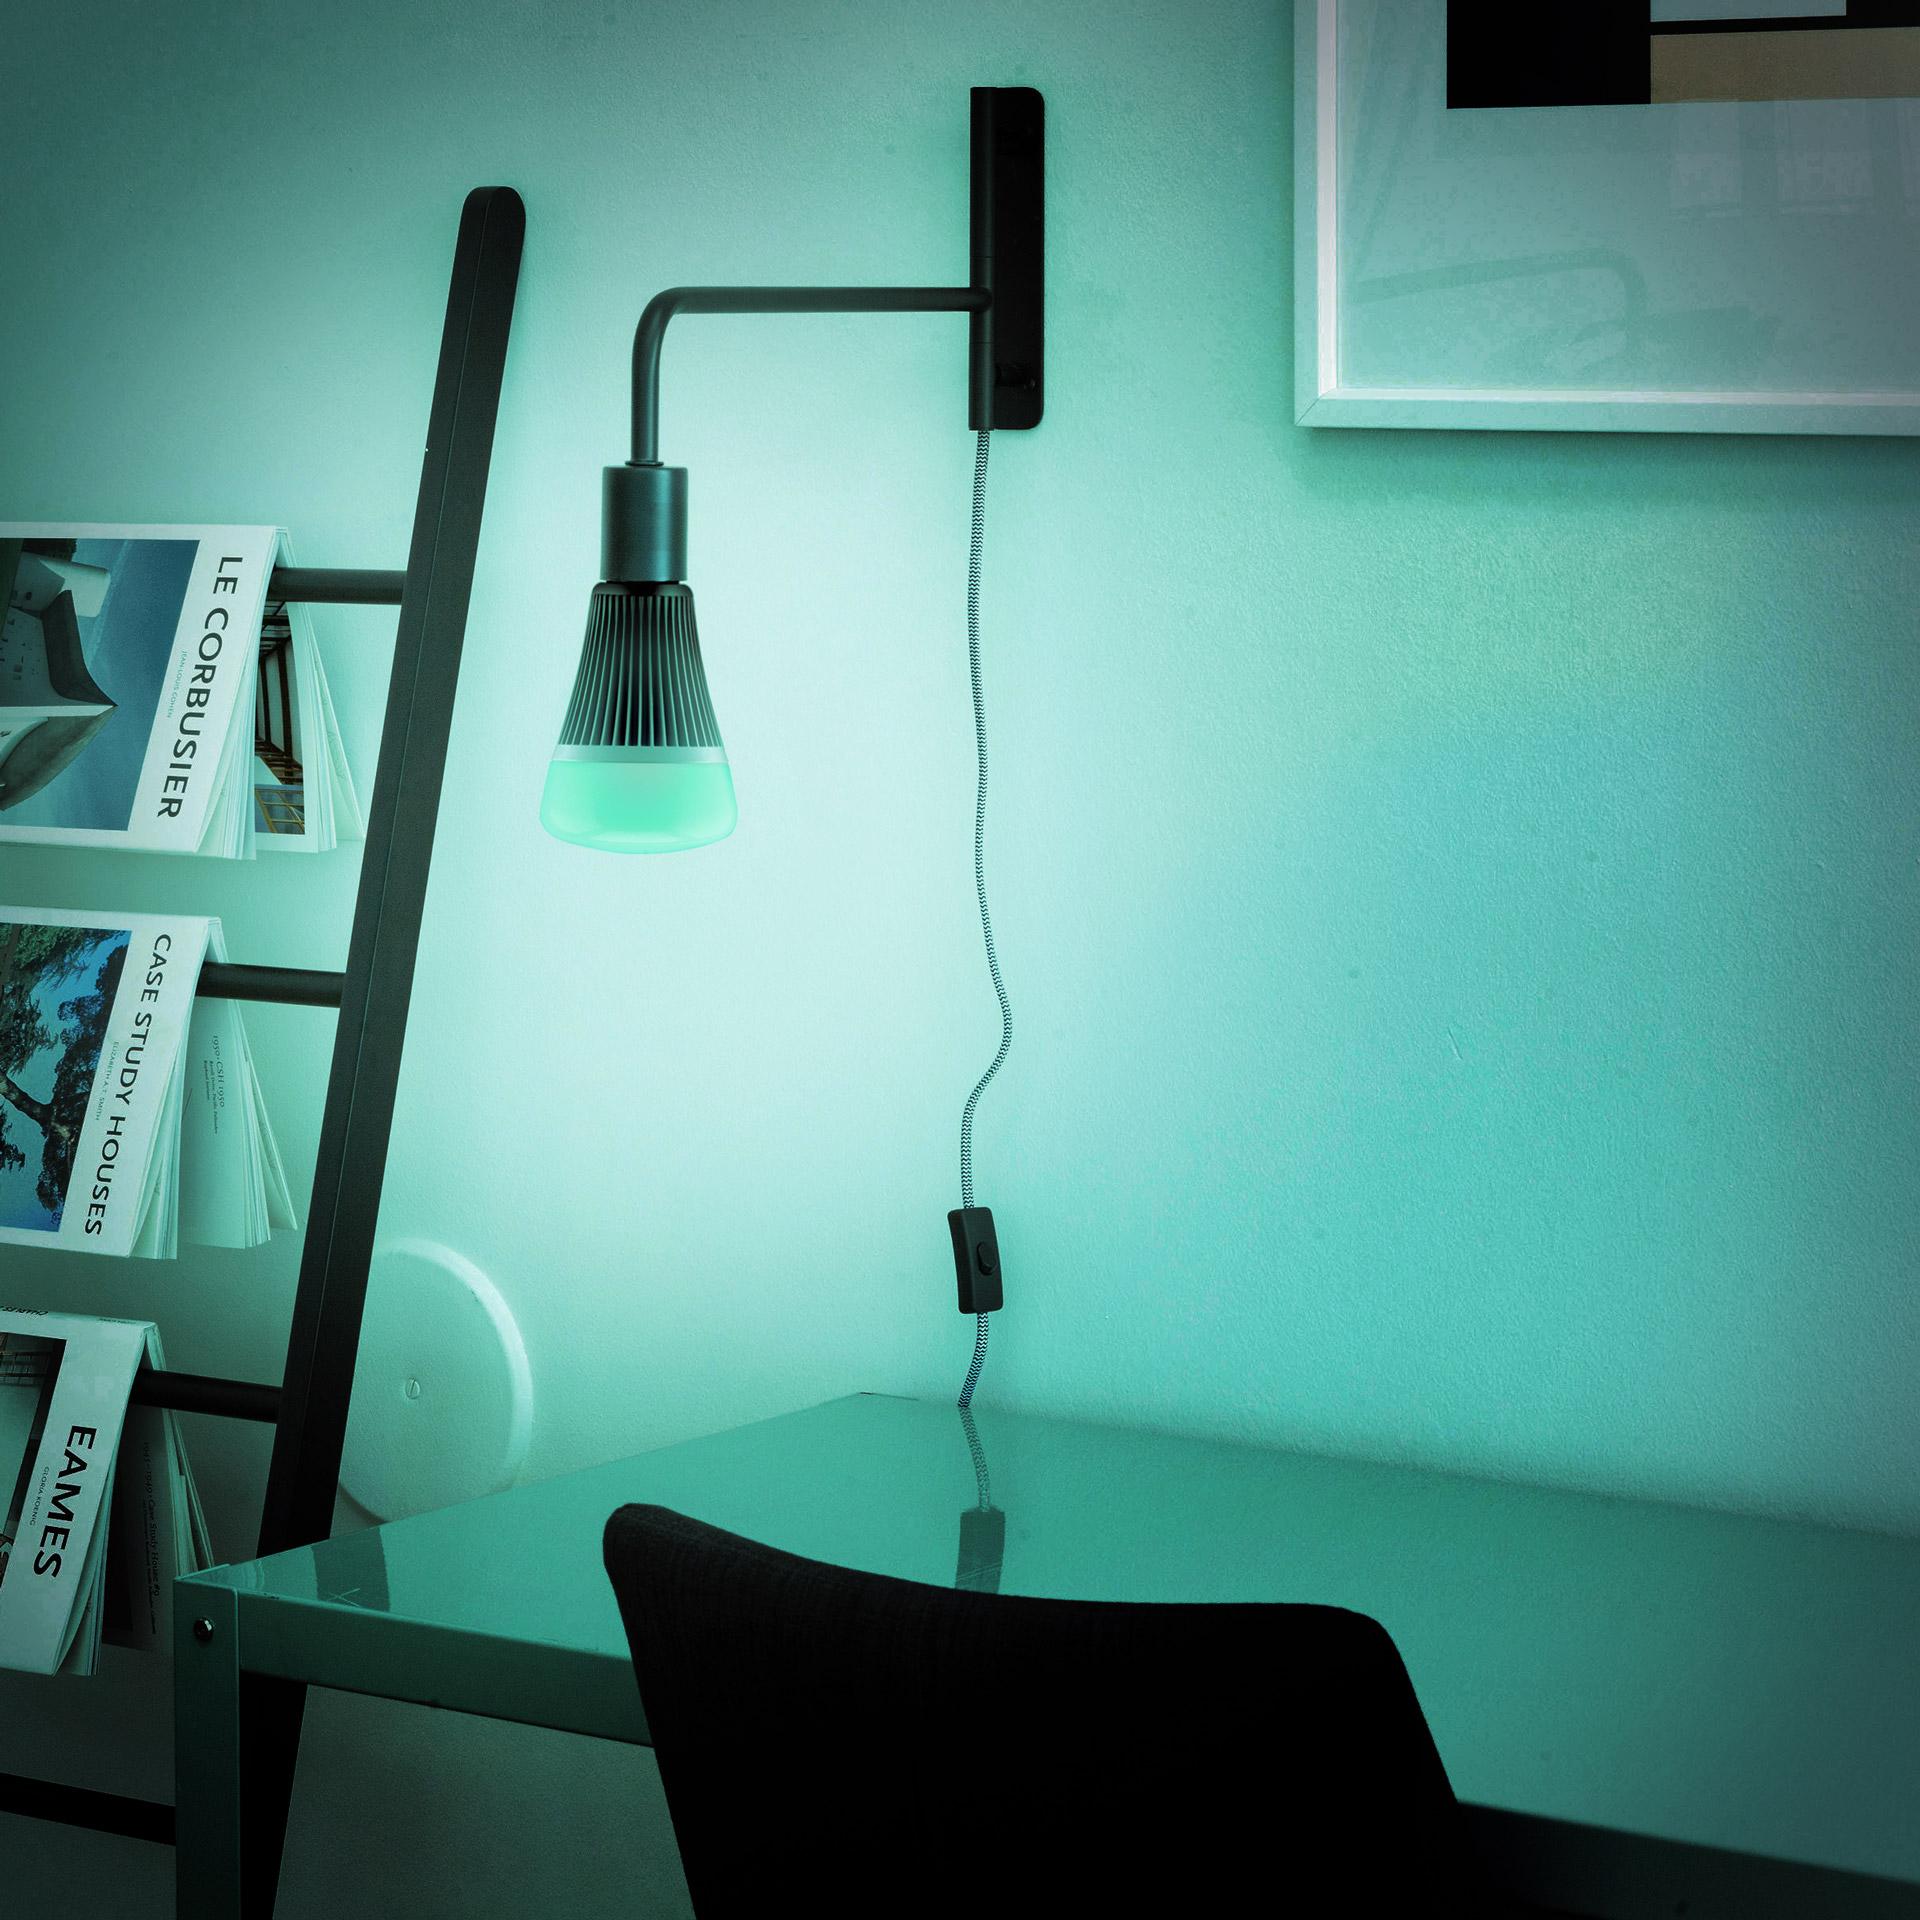 Une ampoule LED E27 éclaire en vert